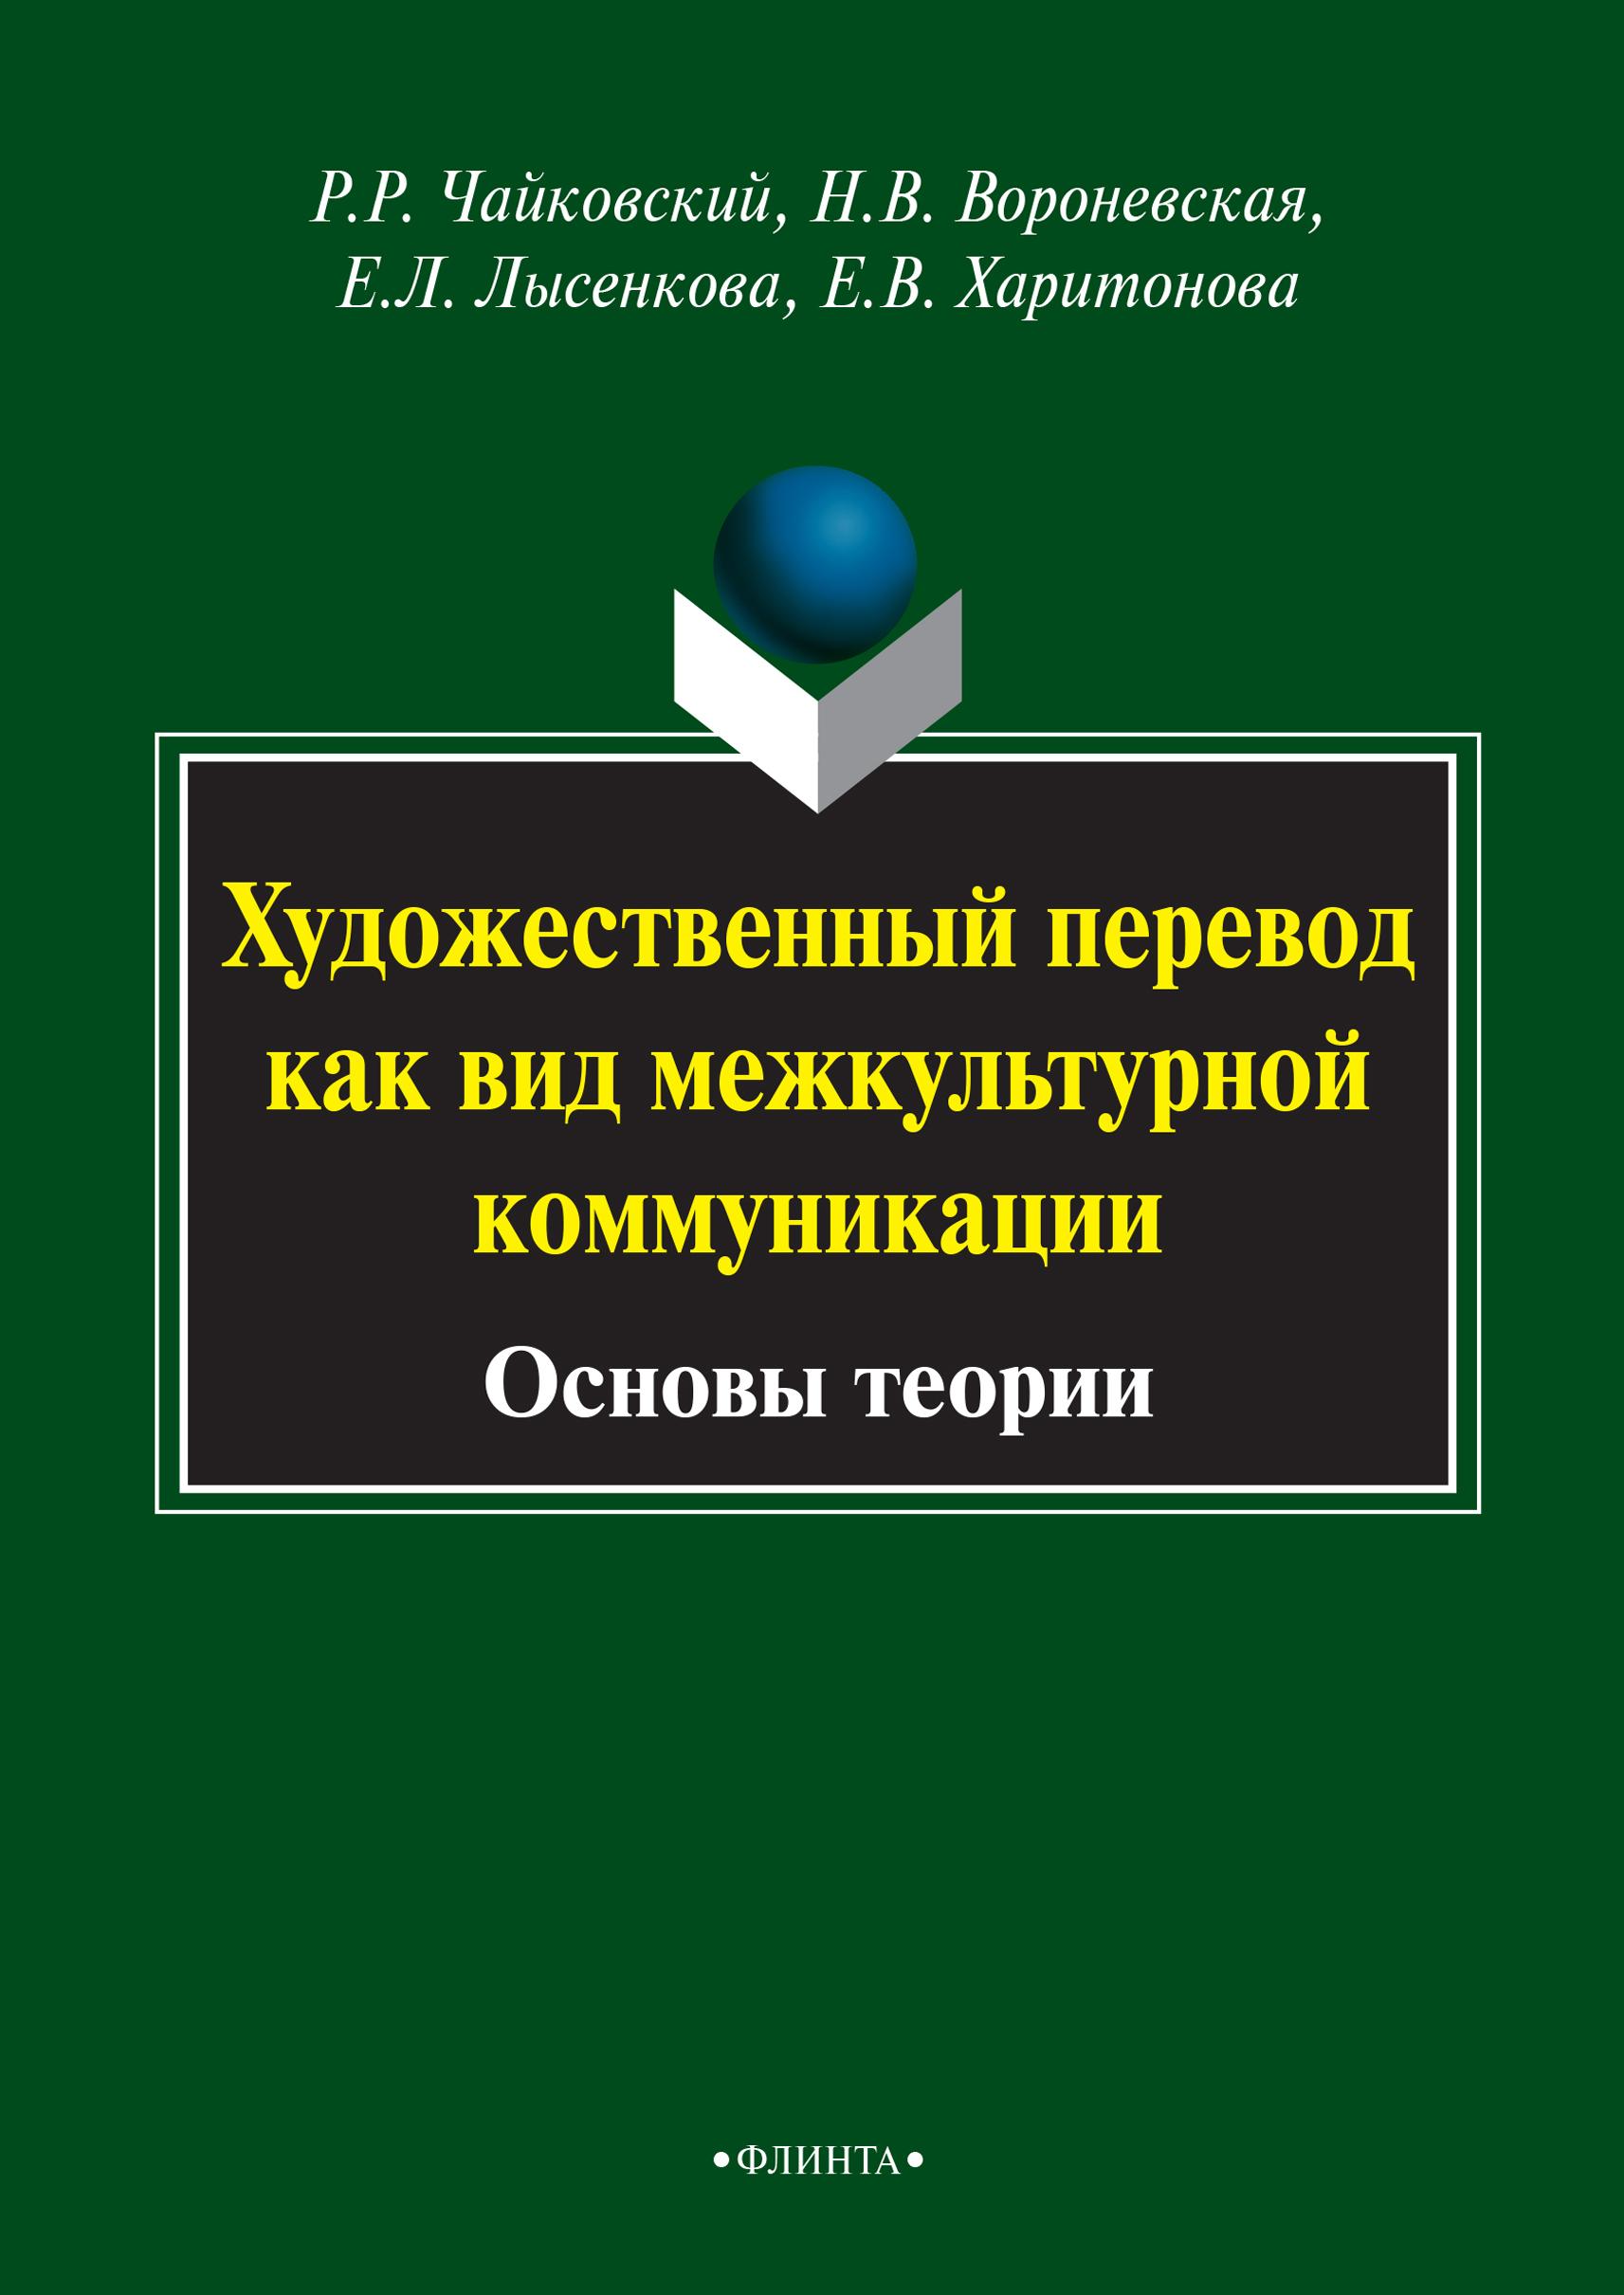 Р. Р. Чайковский Художественный перевод как вид межкультурной коммуникации. Основы теории